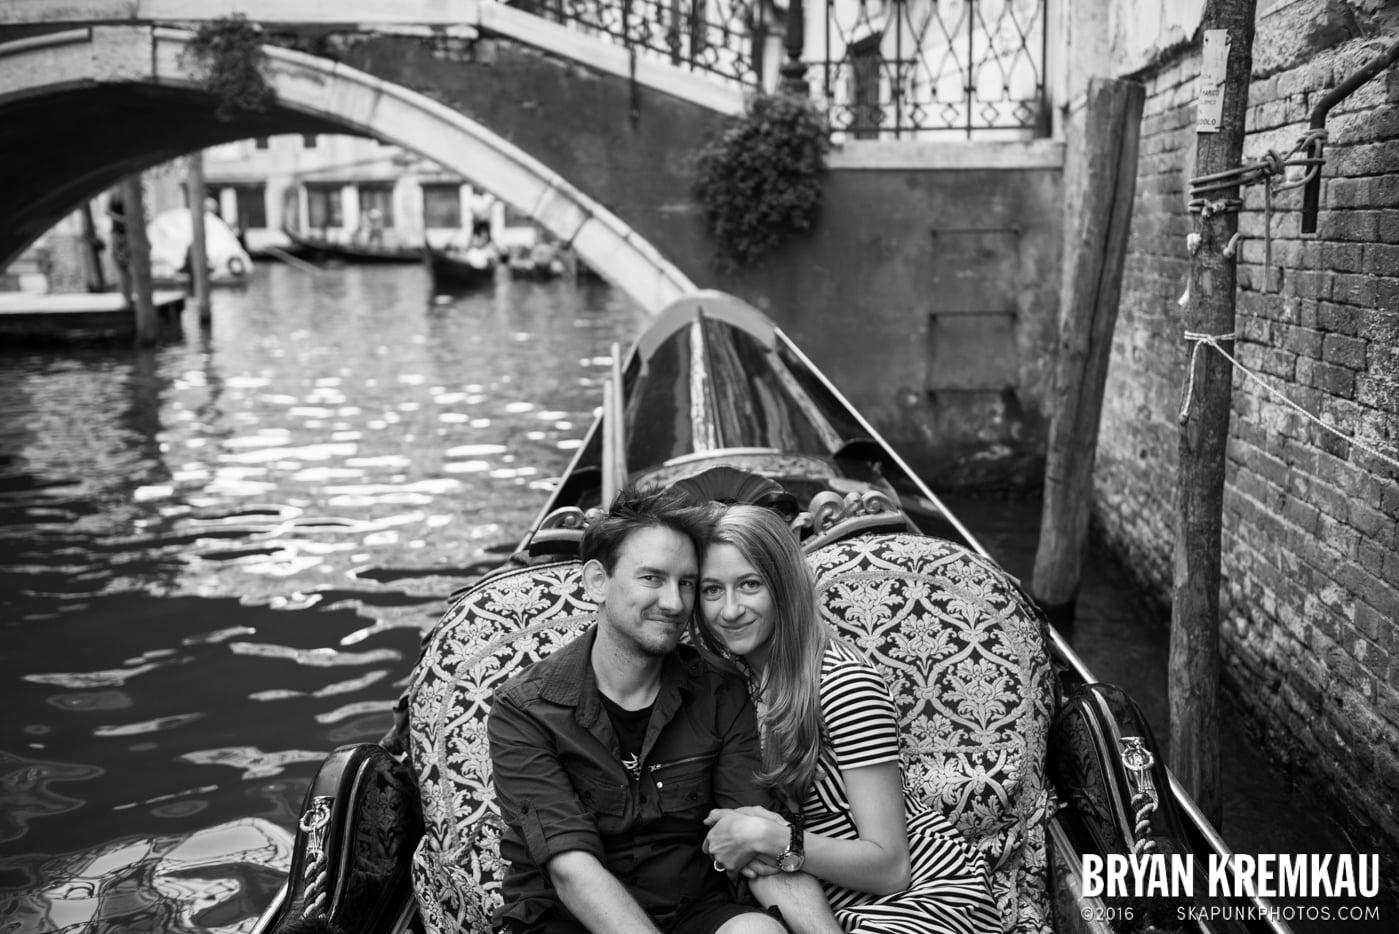 Italy Vacation - Day 5: Venice - 9.13.13 (12)